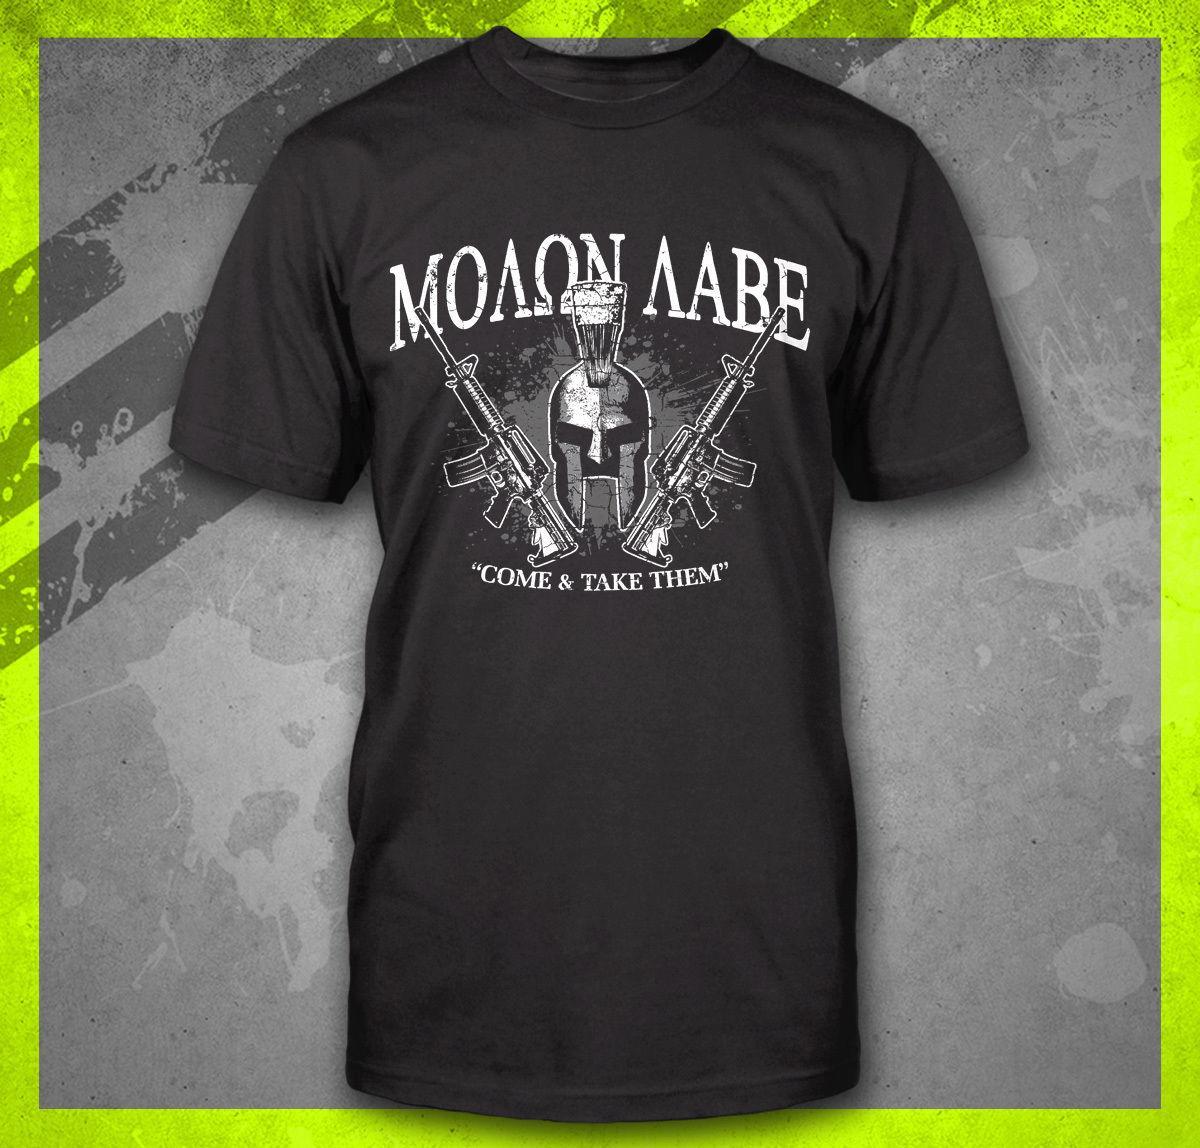 Yeni Erkekler'S Molon LABE BUNLARI ALIN GELİN 2019 Sıcak Satış PRO GUN TEE İKİNCİ DEĞİŞİKLİĞİ SPARTAN olan T-shirt Yaz Moda AR15